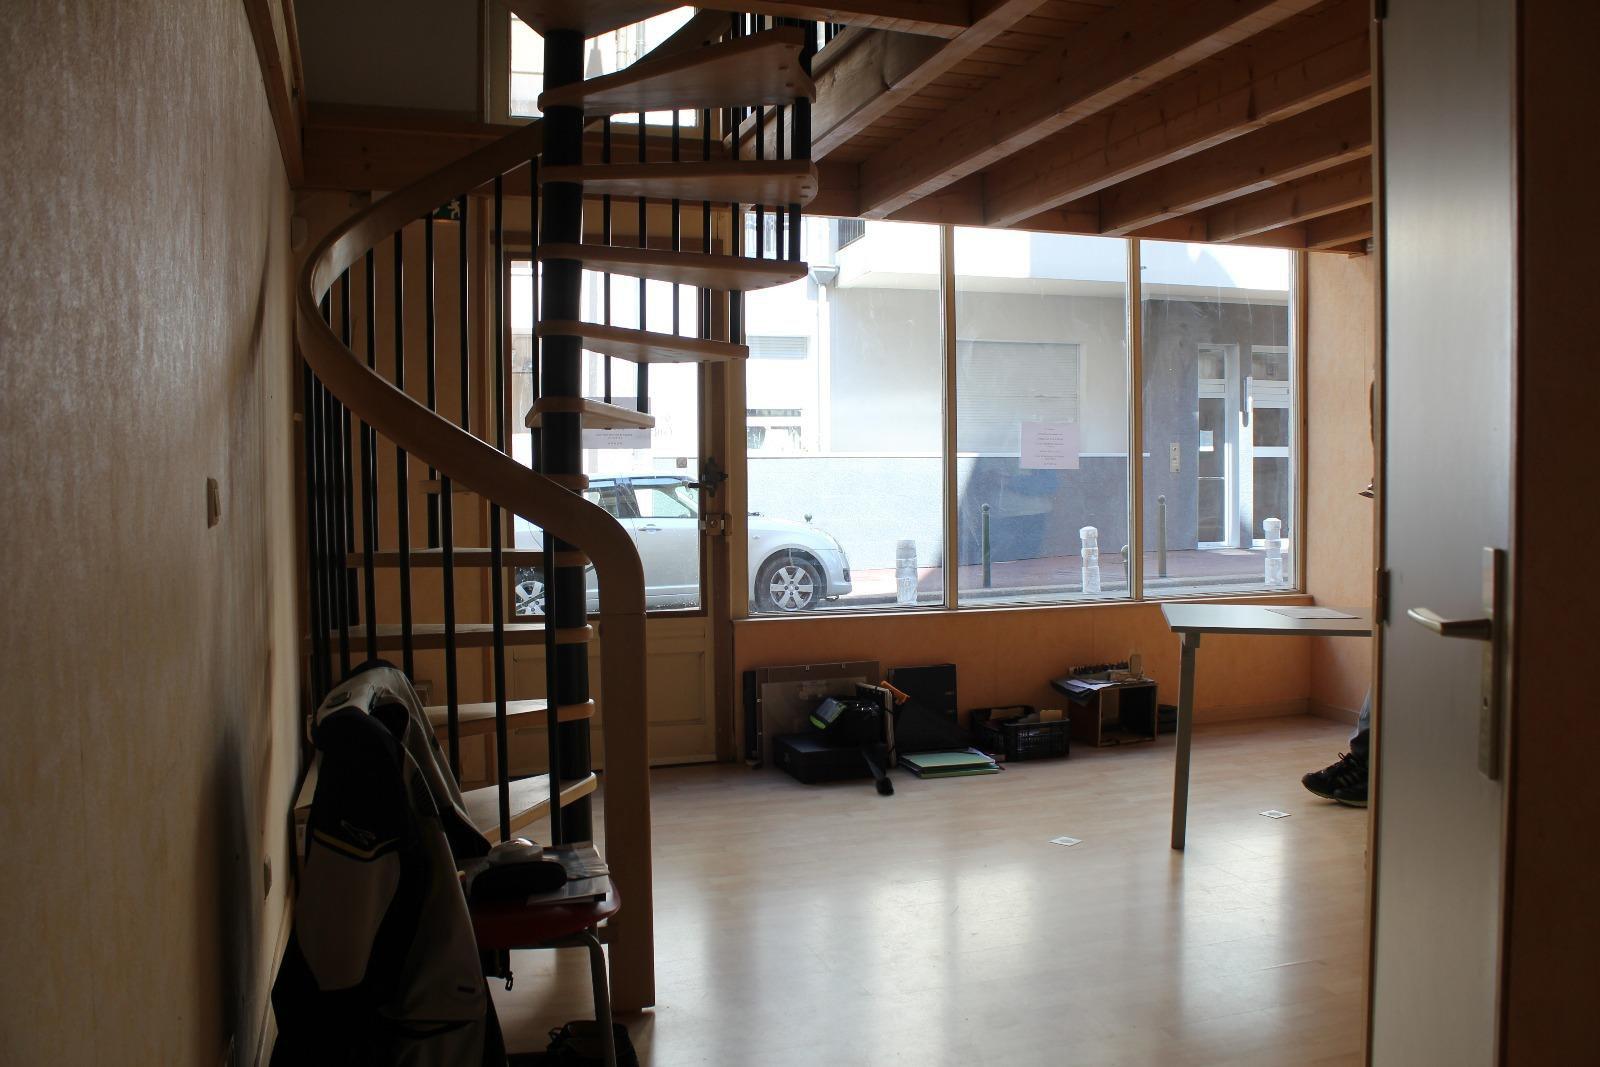 L777 - Aix les bains Hyper Centre - Local commercial 48m² avec cave et garage